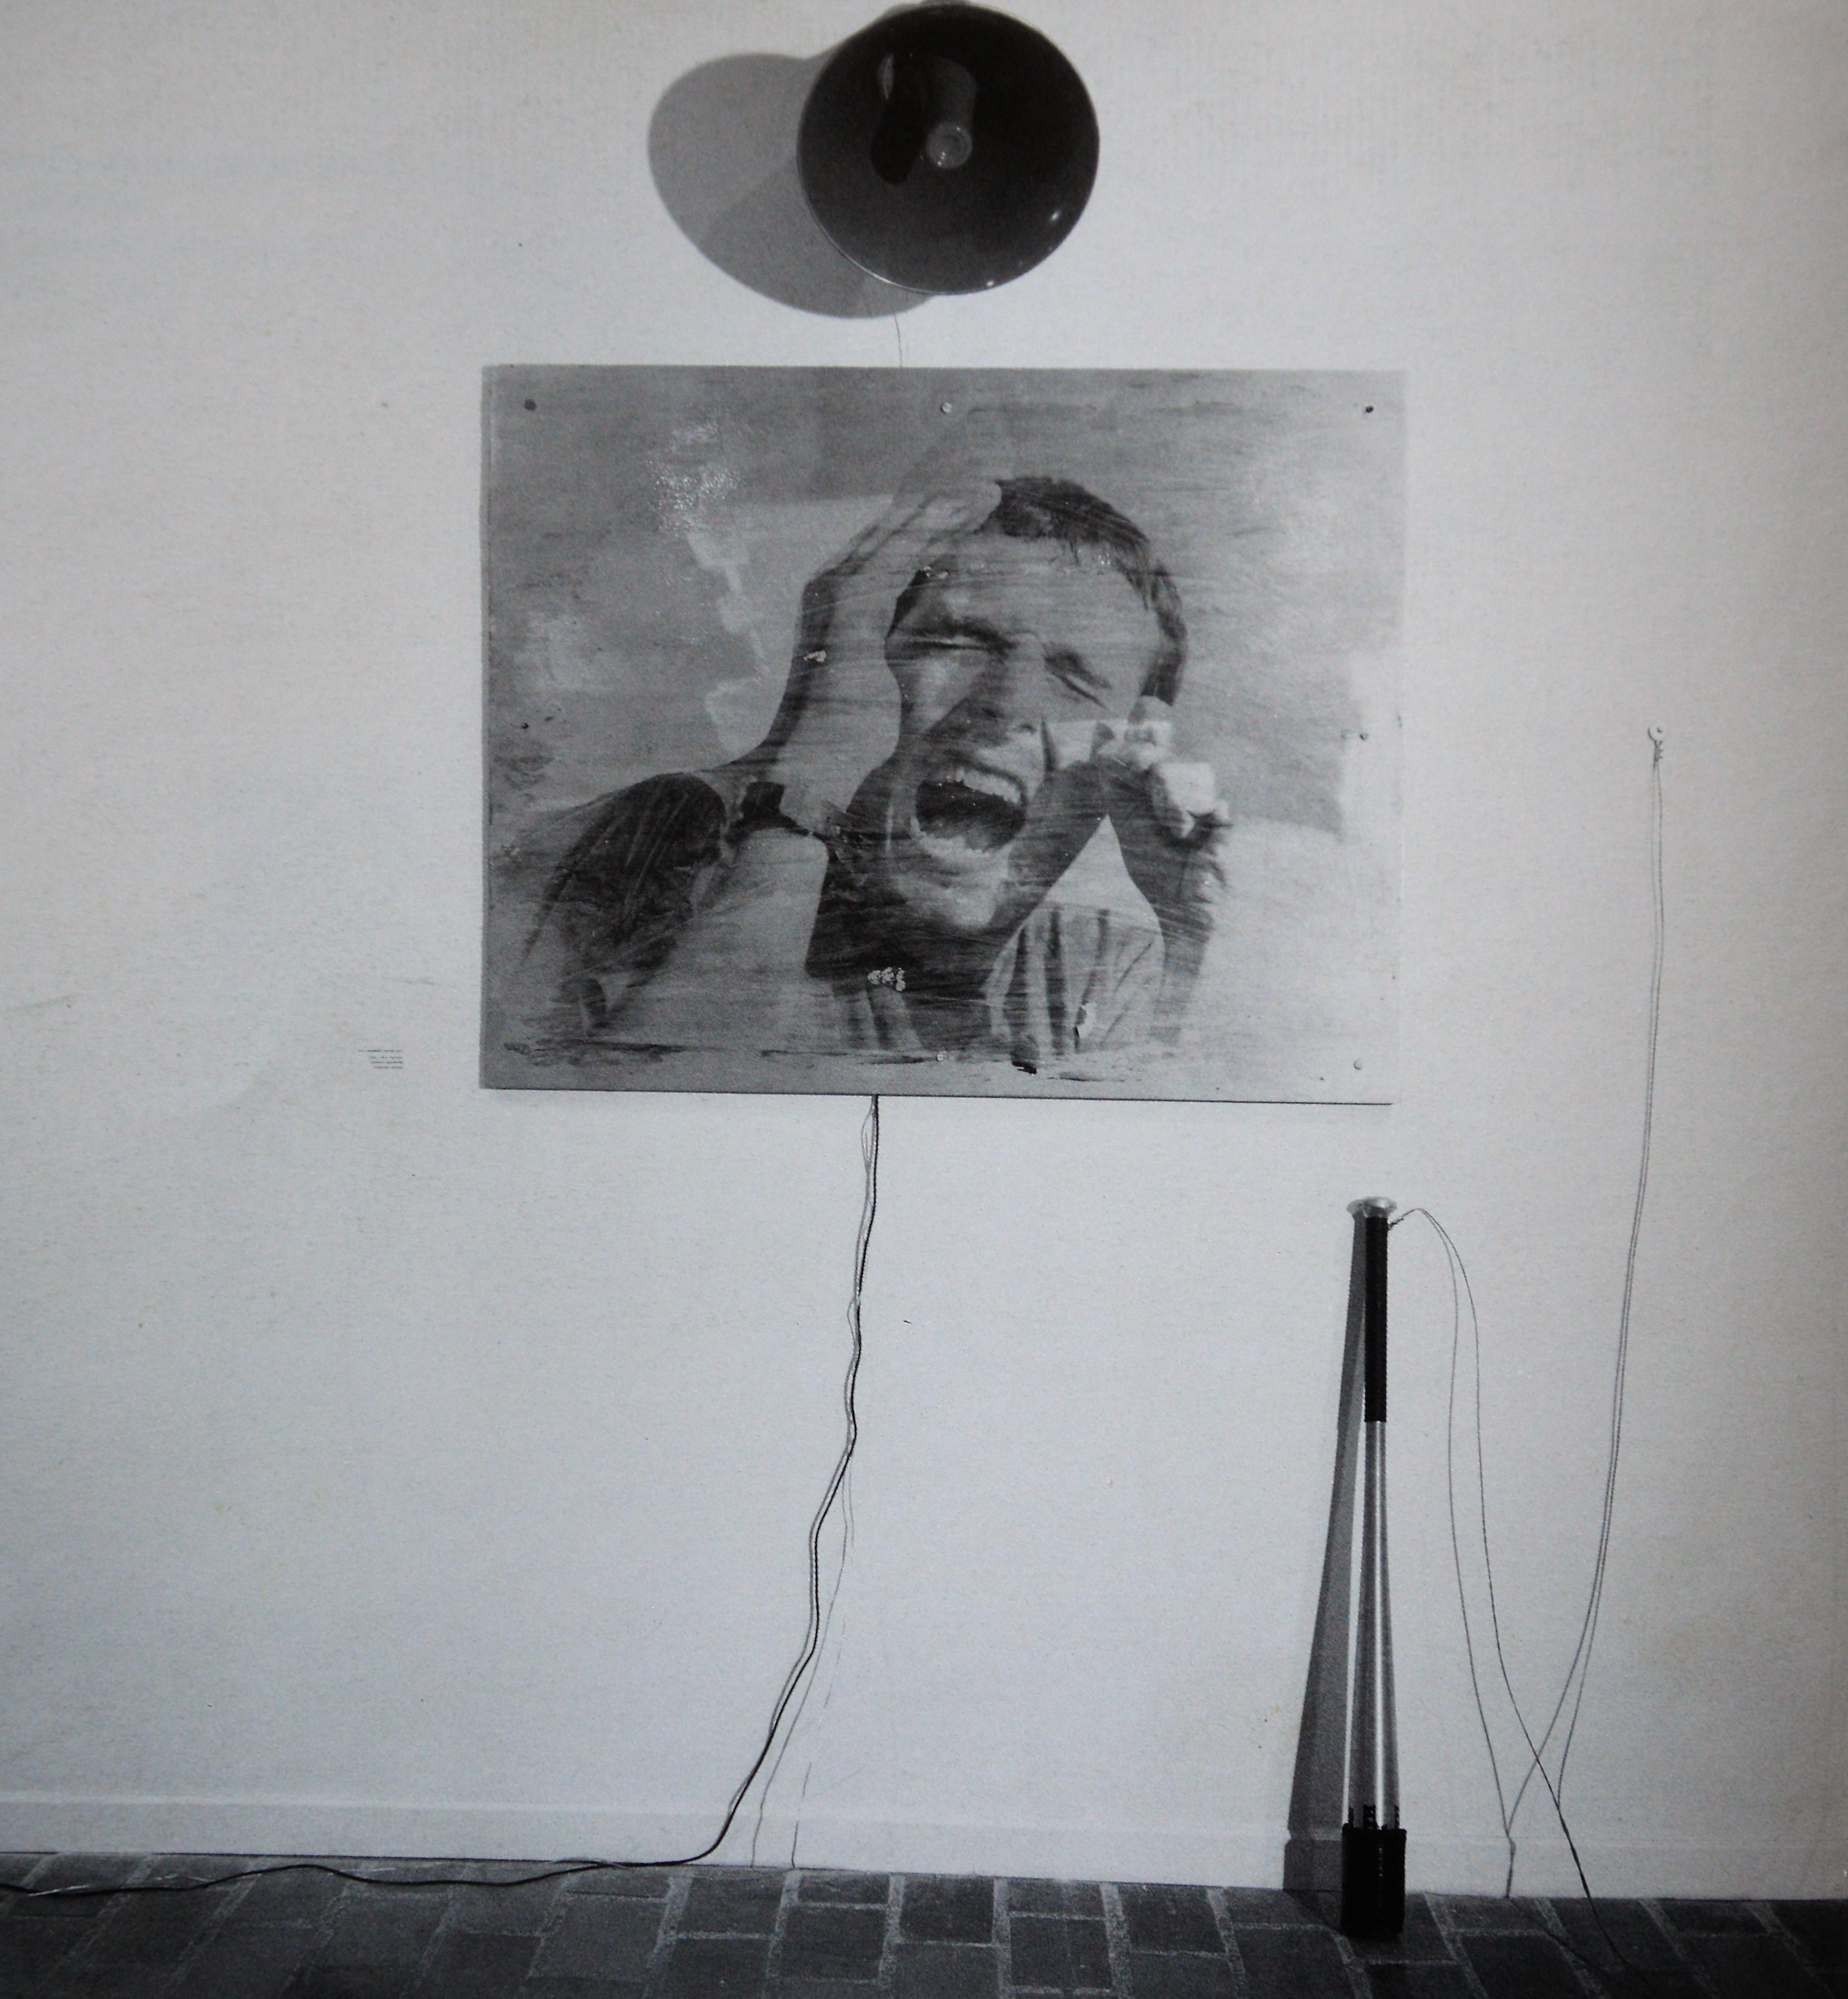 José Antonio Hernández-Diez. Por qué a mi, 1991